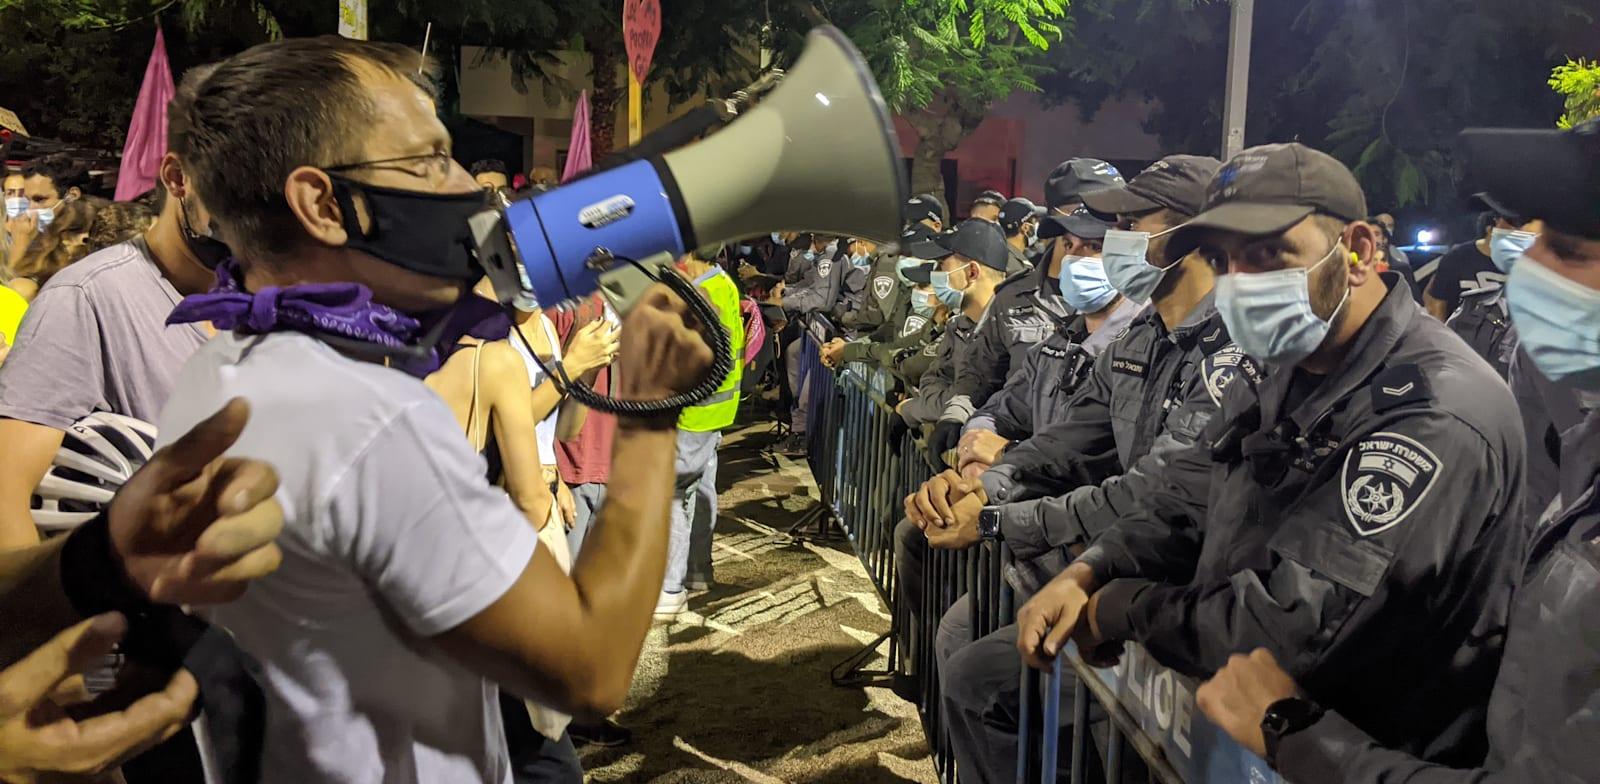 שוטרים מול מפגינים בתל אביב / צילום: רון טוביאס